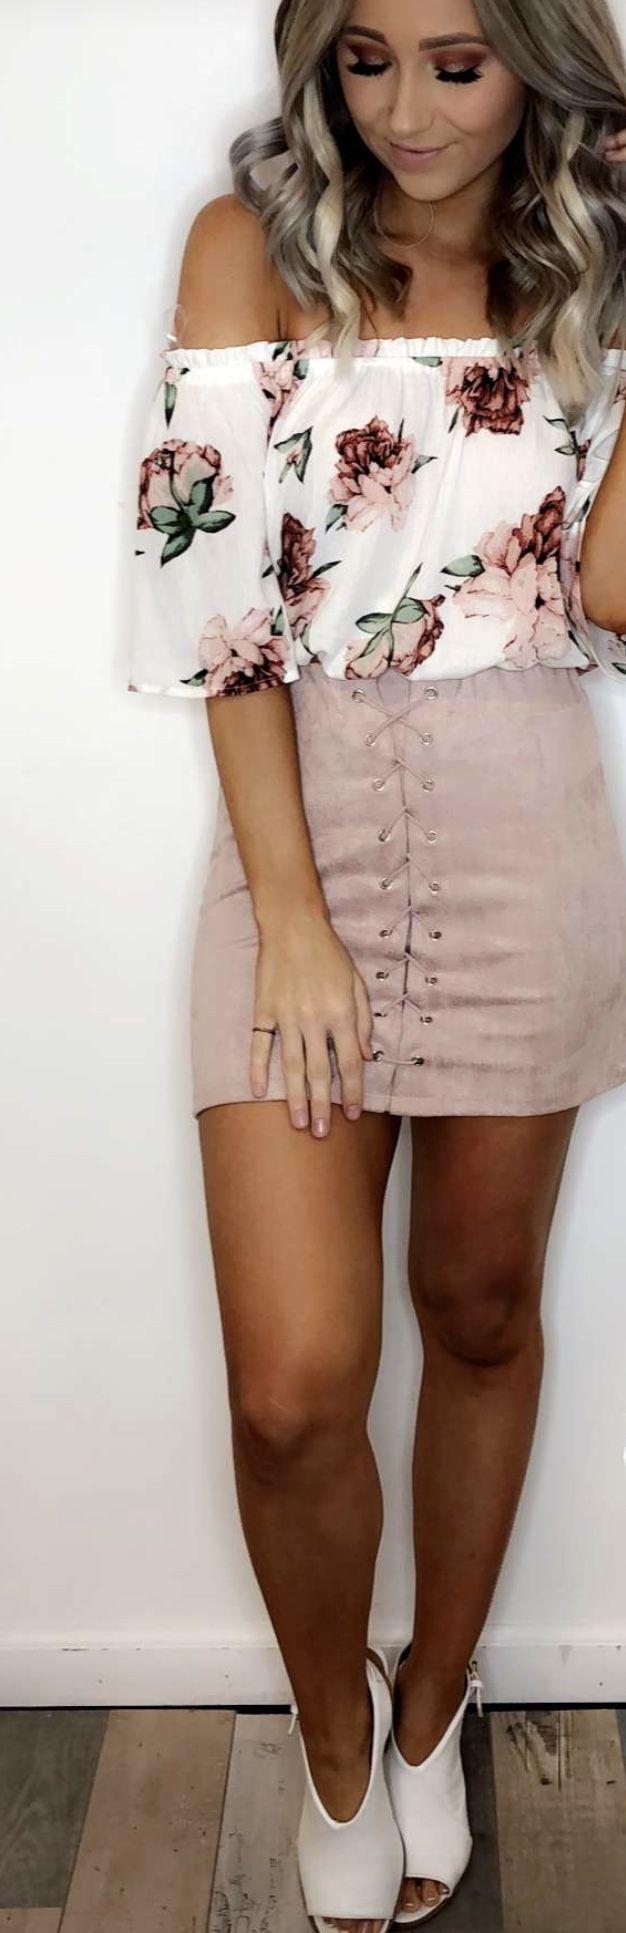 Nicht ein Fan des Rocks an mir, aber dieses Outfit ist wundersch?n!   #outfit